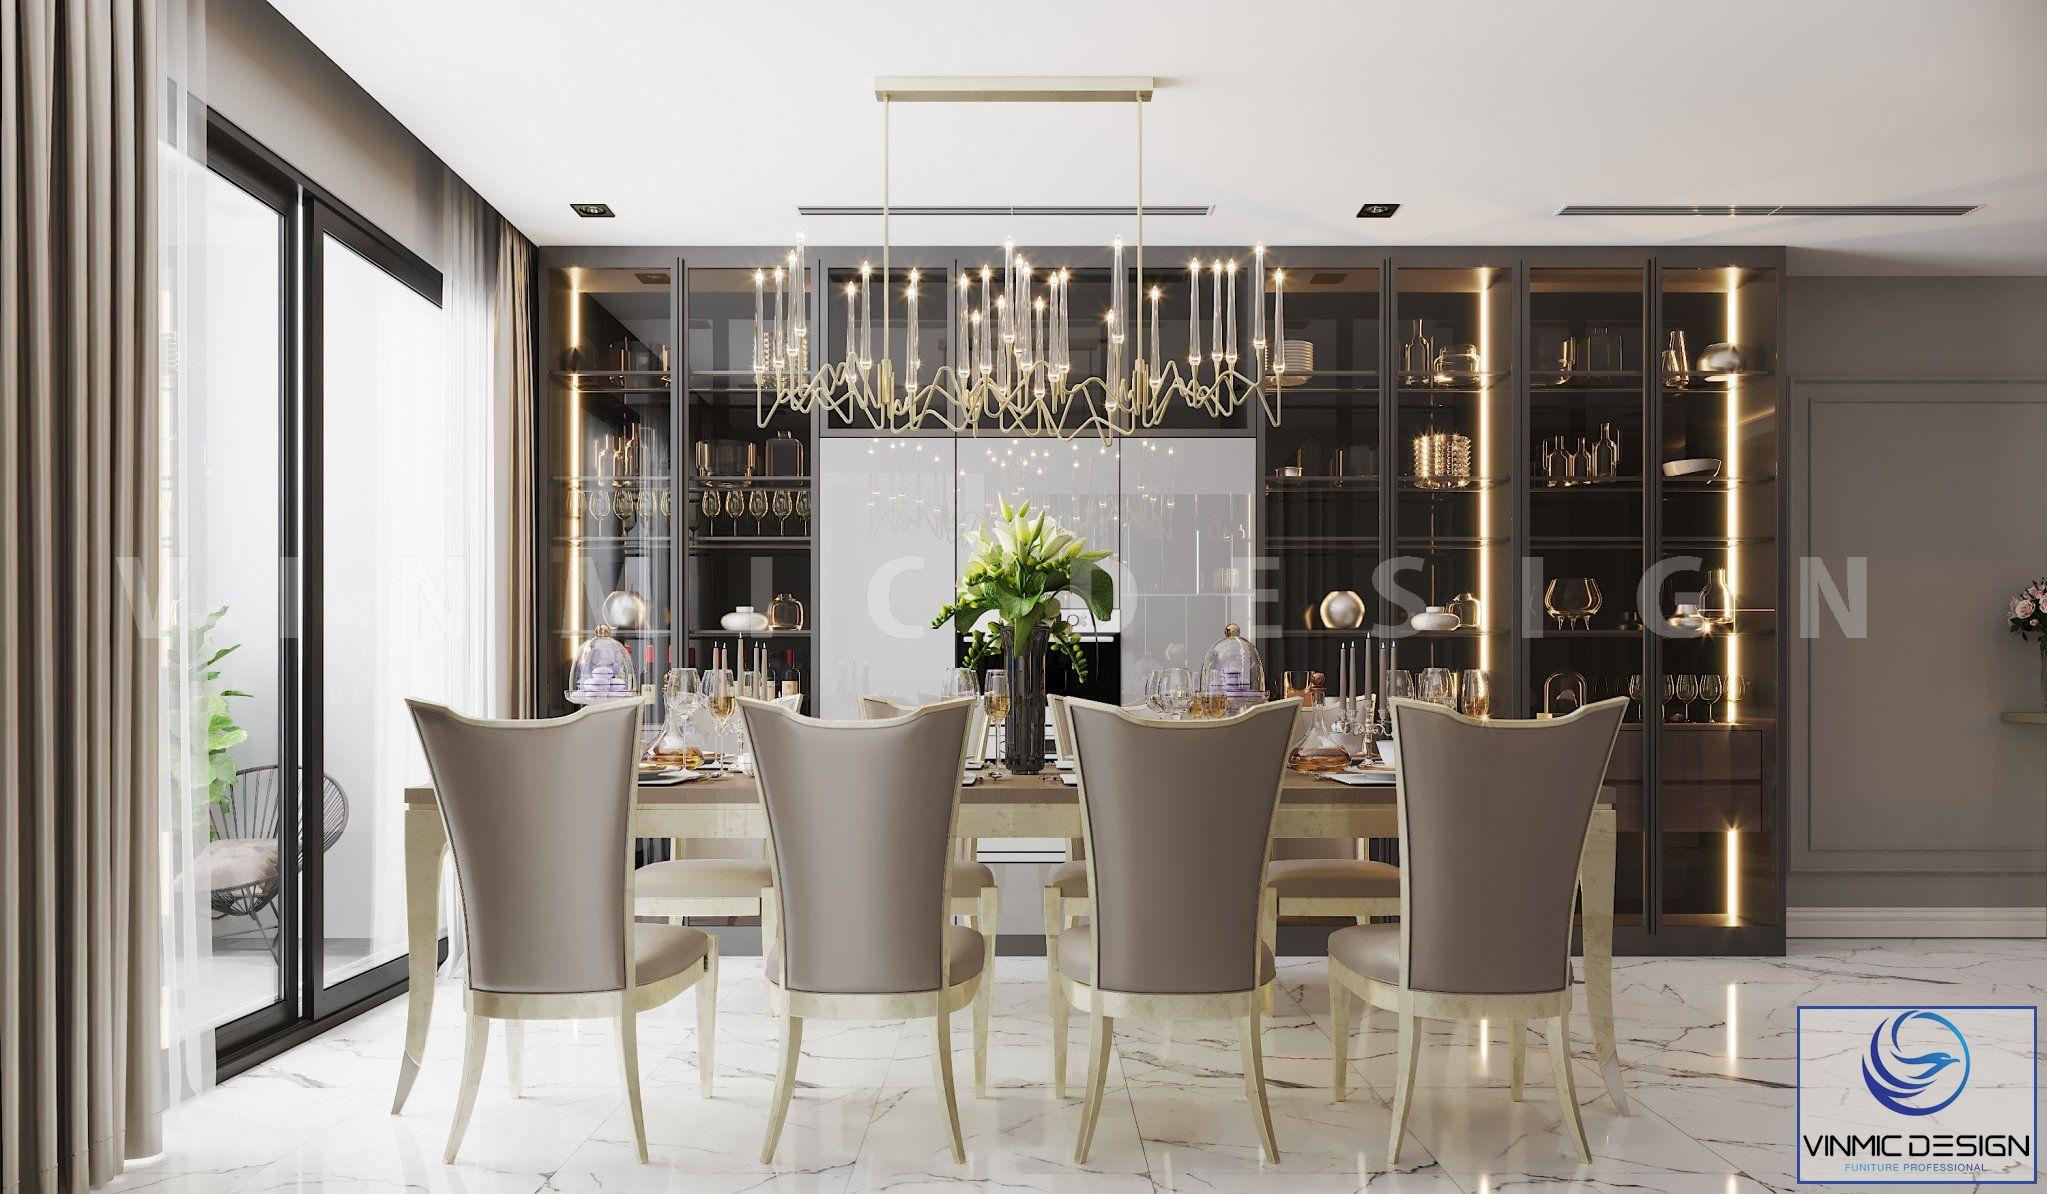 Phòng ăn ấn tượng trong mẫu thiết kế chung cư tân cổ điển của gia đình anh Bình